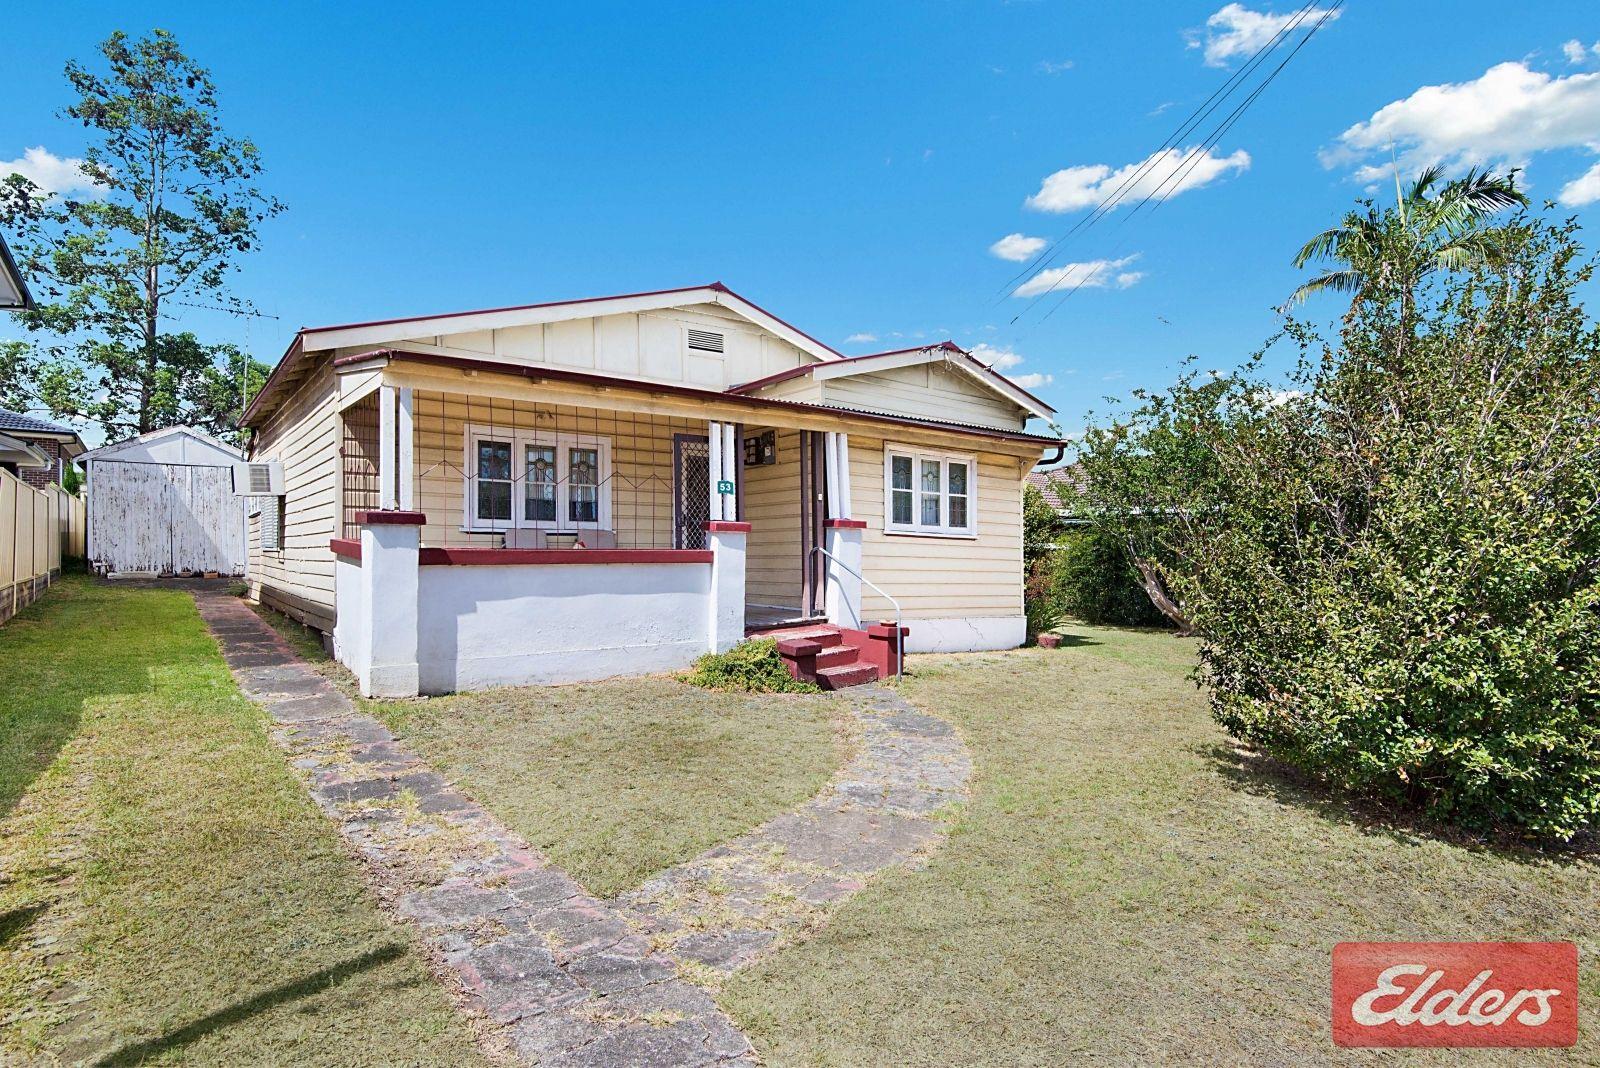 53 Oramzi Road, Girraween NSW 2145, Image 0